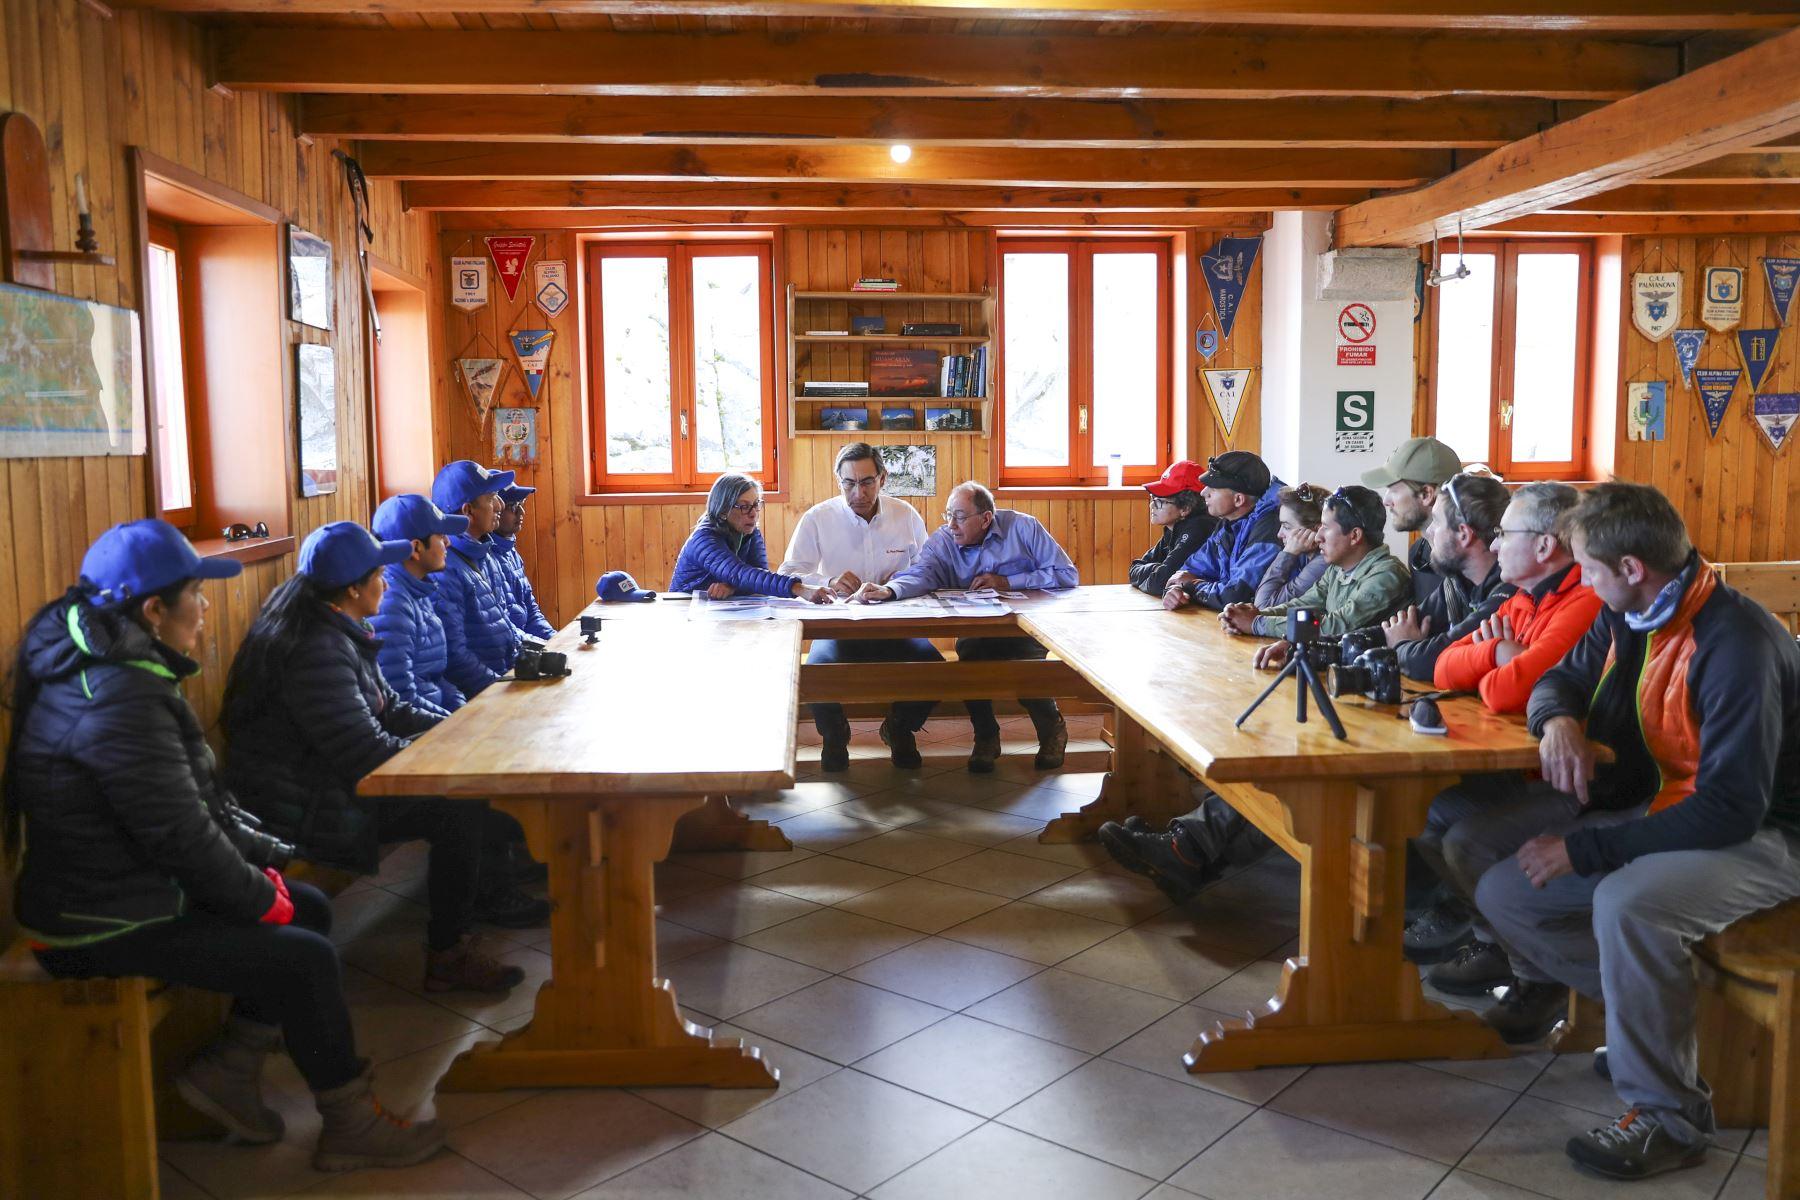 """Presidente Vizcarra visita a la expedición científica """"Huascarán 2019"""", en la provincia de Yungay, región Ancash Foto: ANDINA/Prensa Presidencia"""